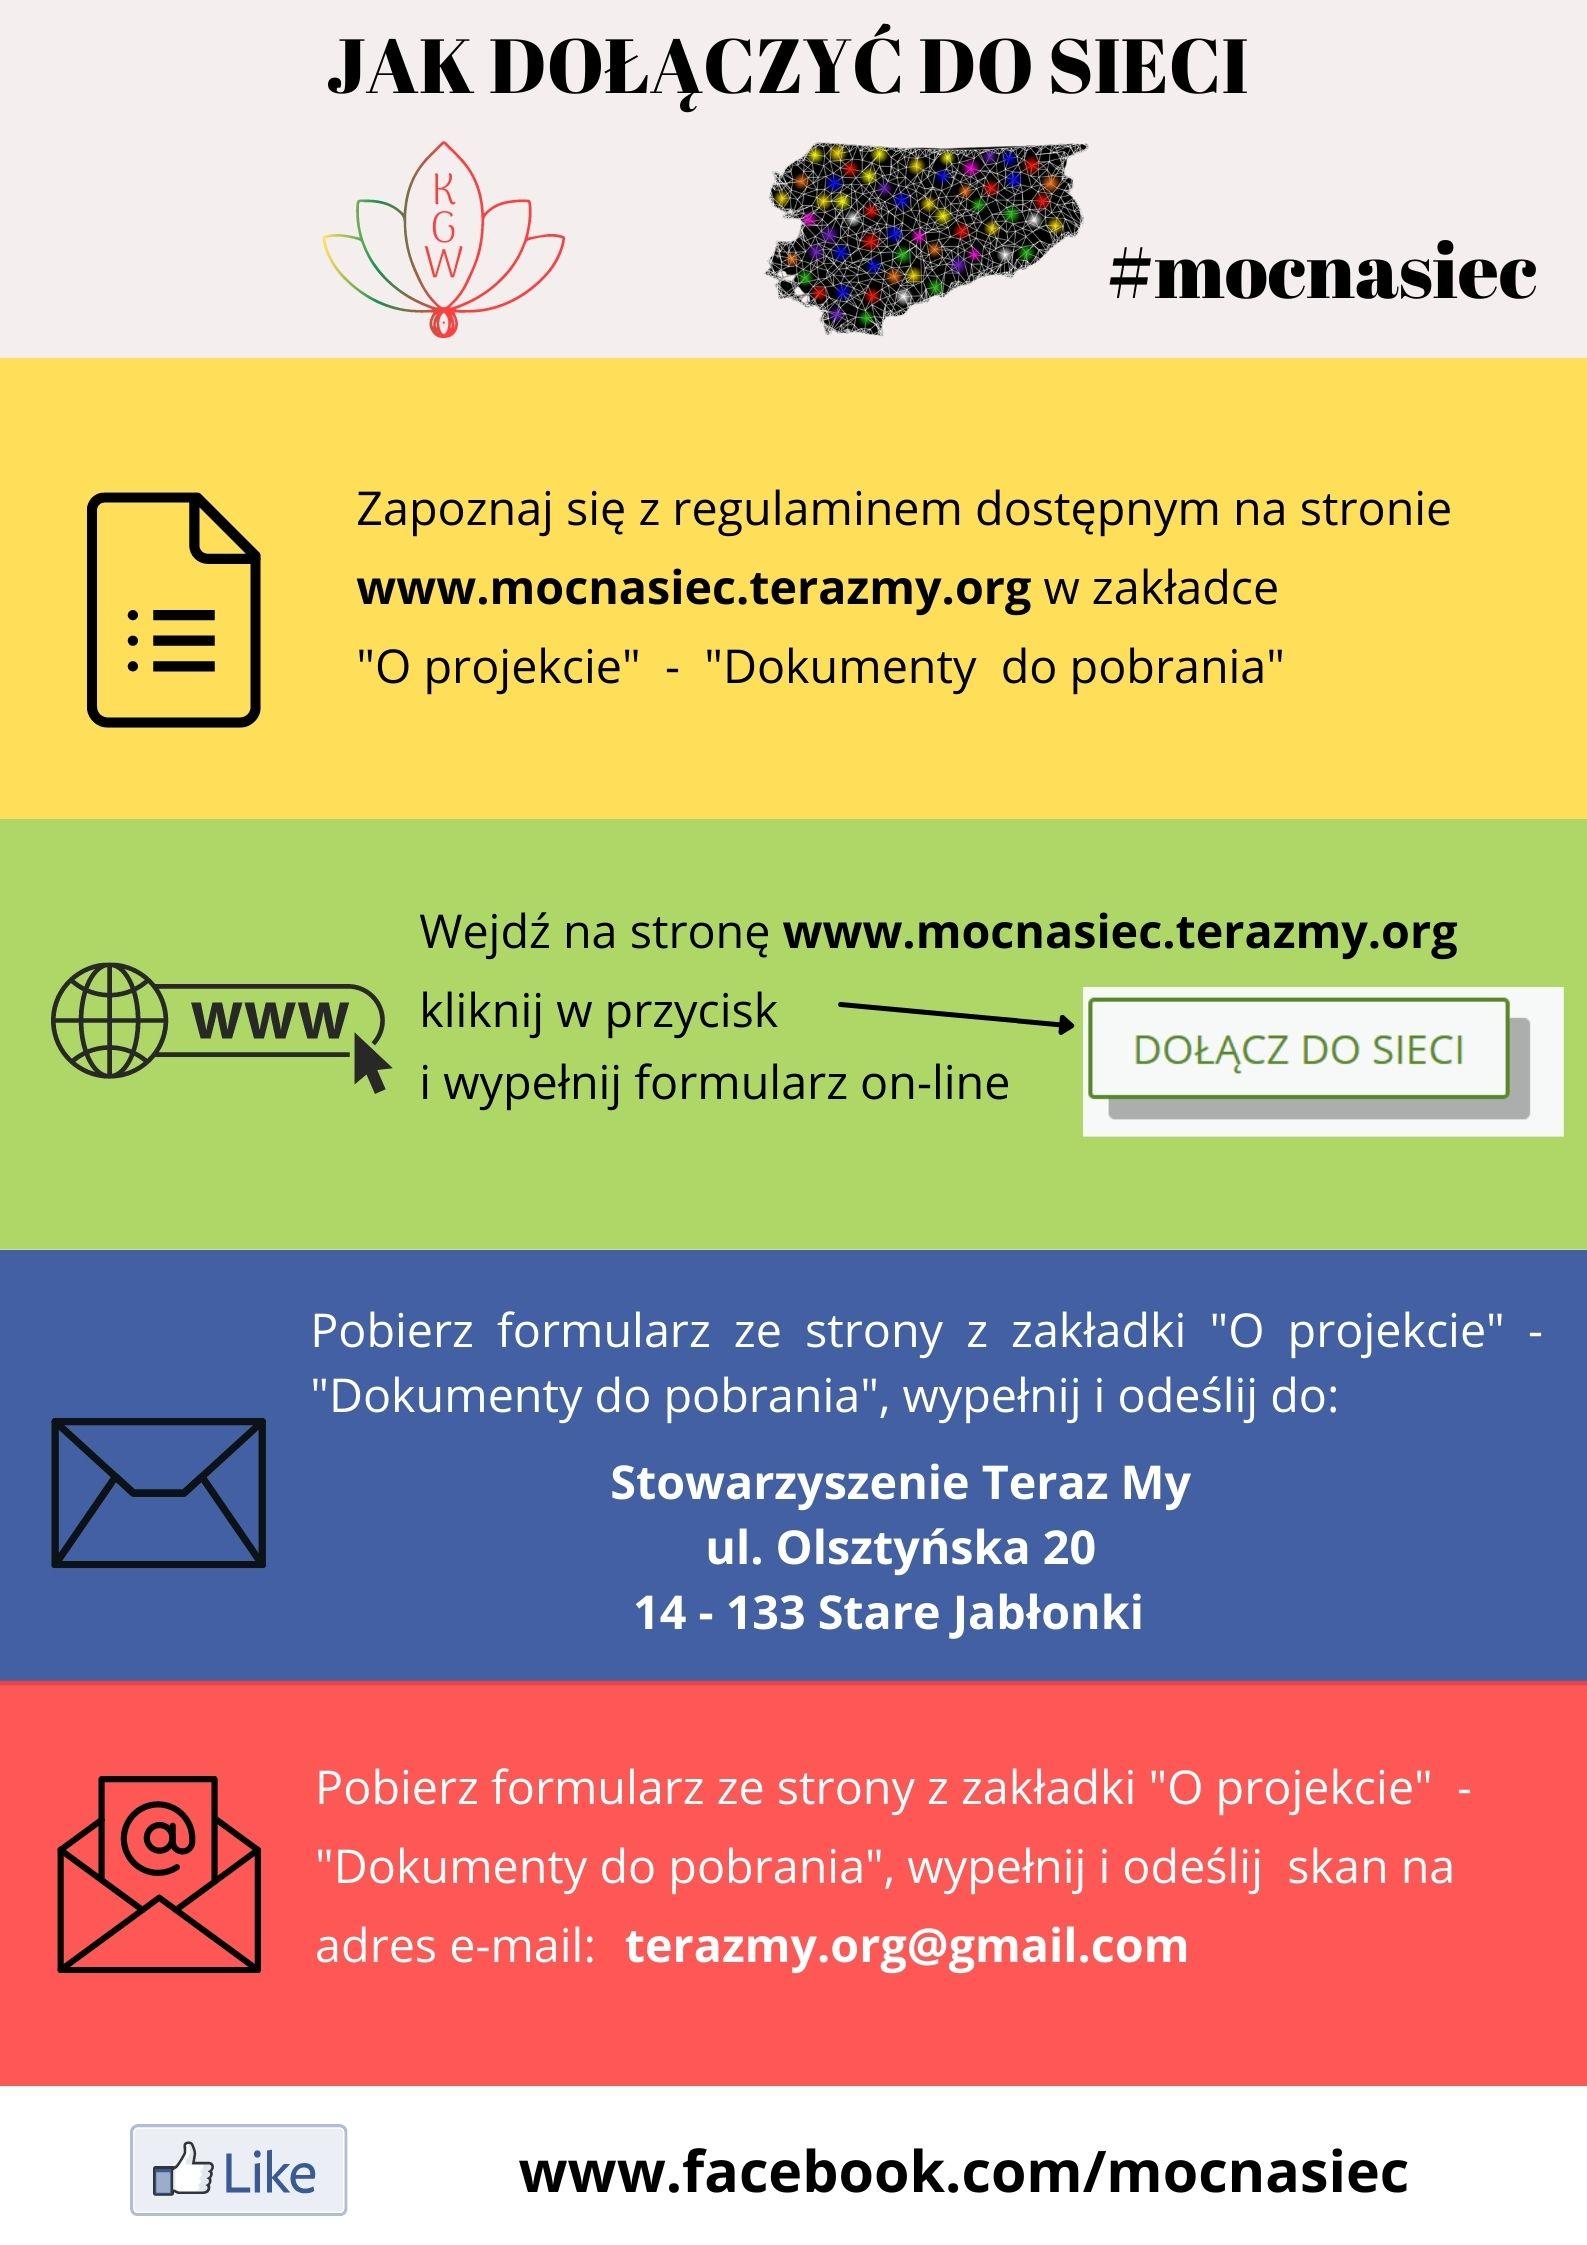 https://m.powiatszczycienski.pl/2021/06/orig/ulotka-mocna-siecstr-2-41623.jpg